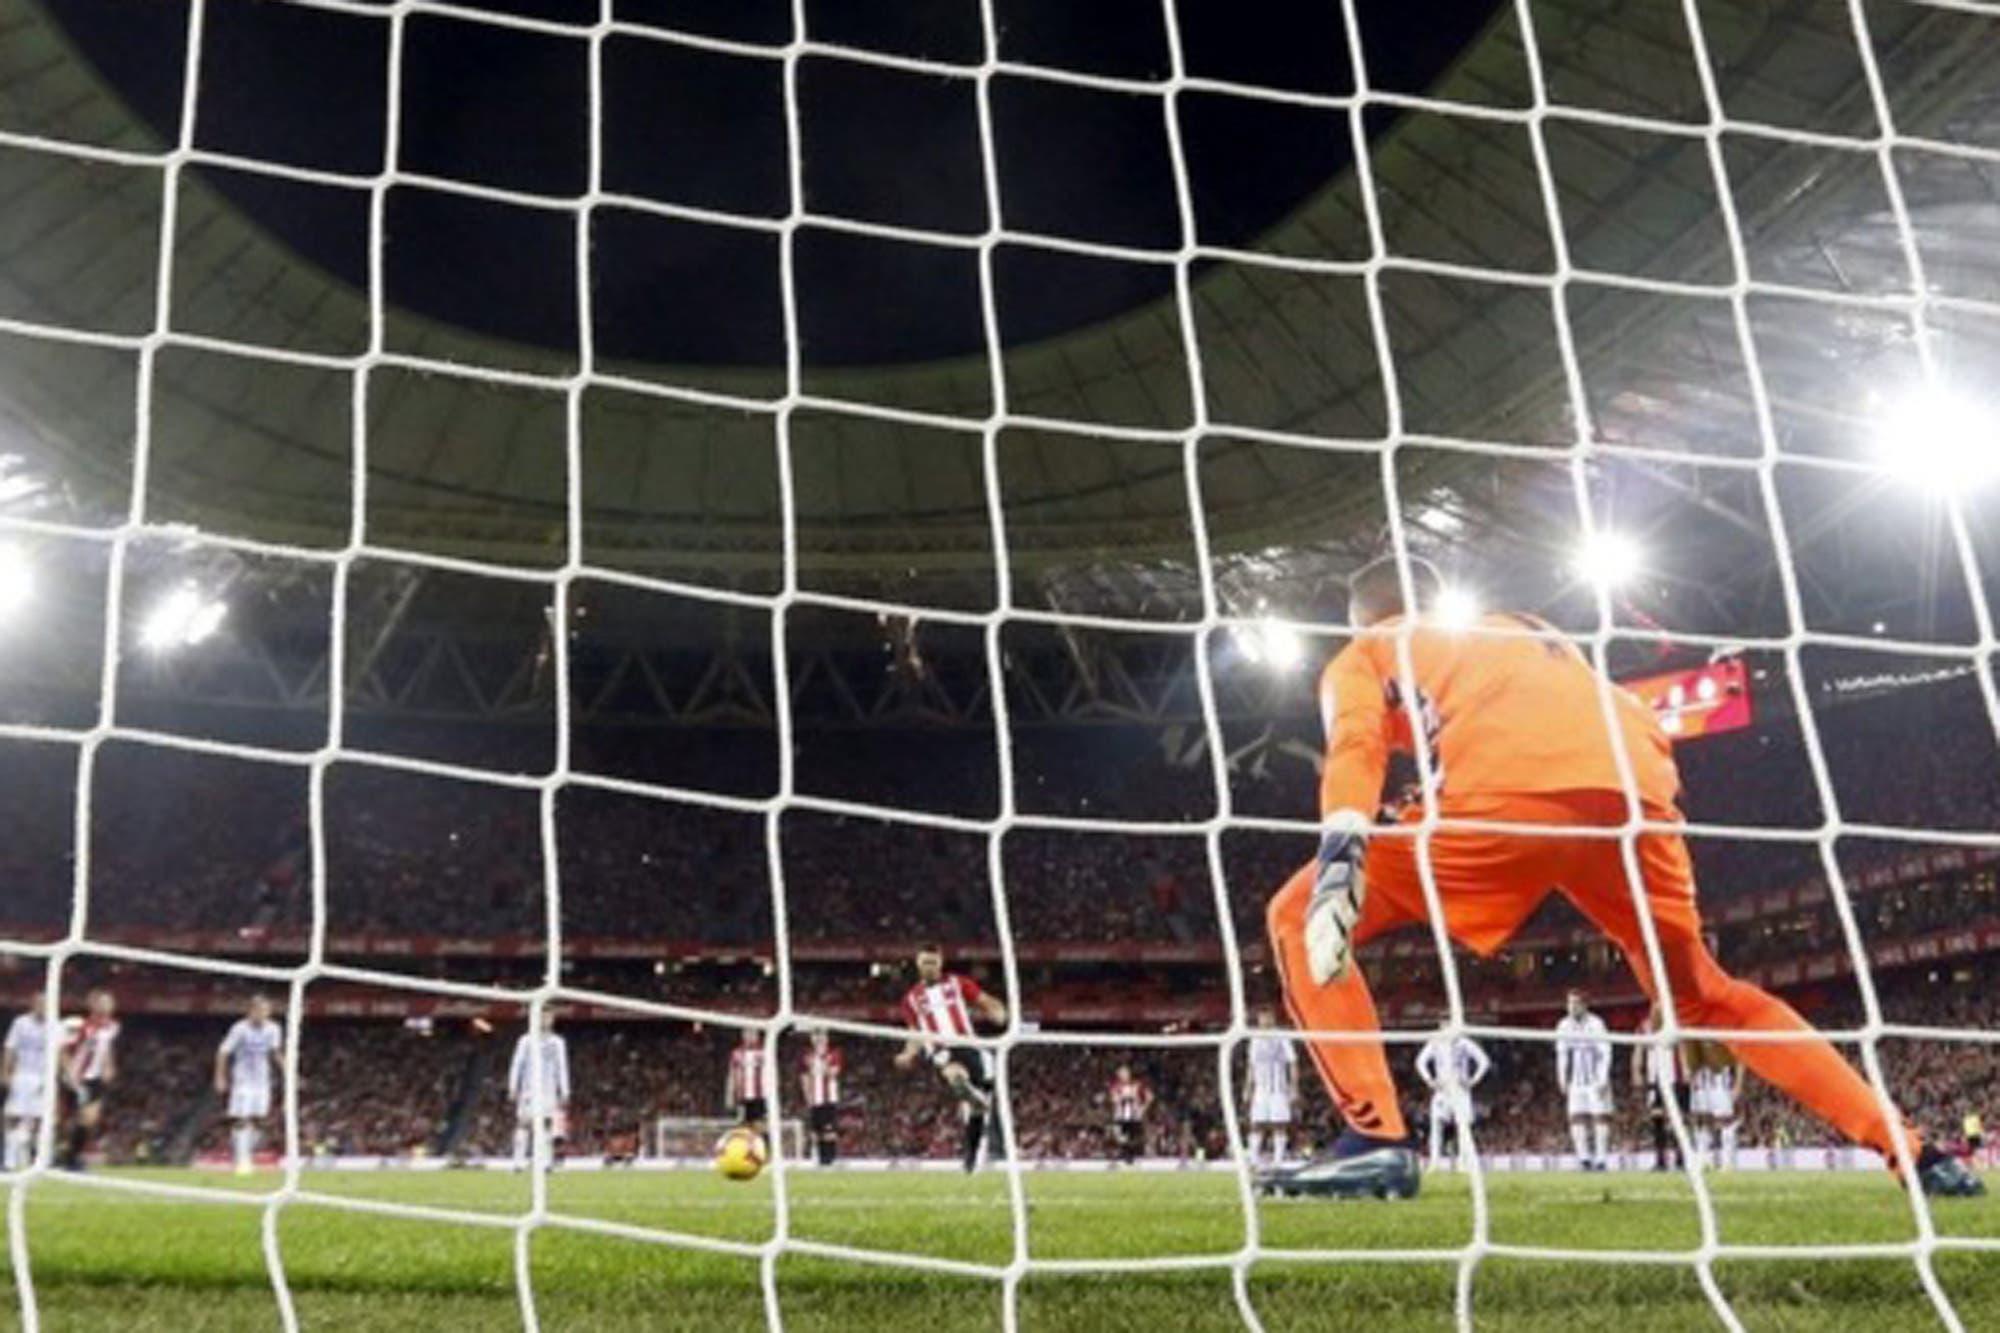 La extraña y valiente manera de patear un penal que sorprendió en la Liga de España